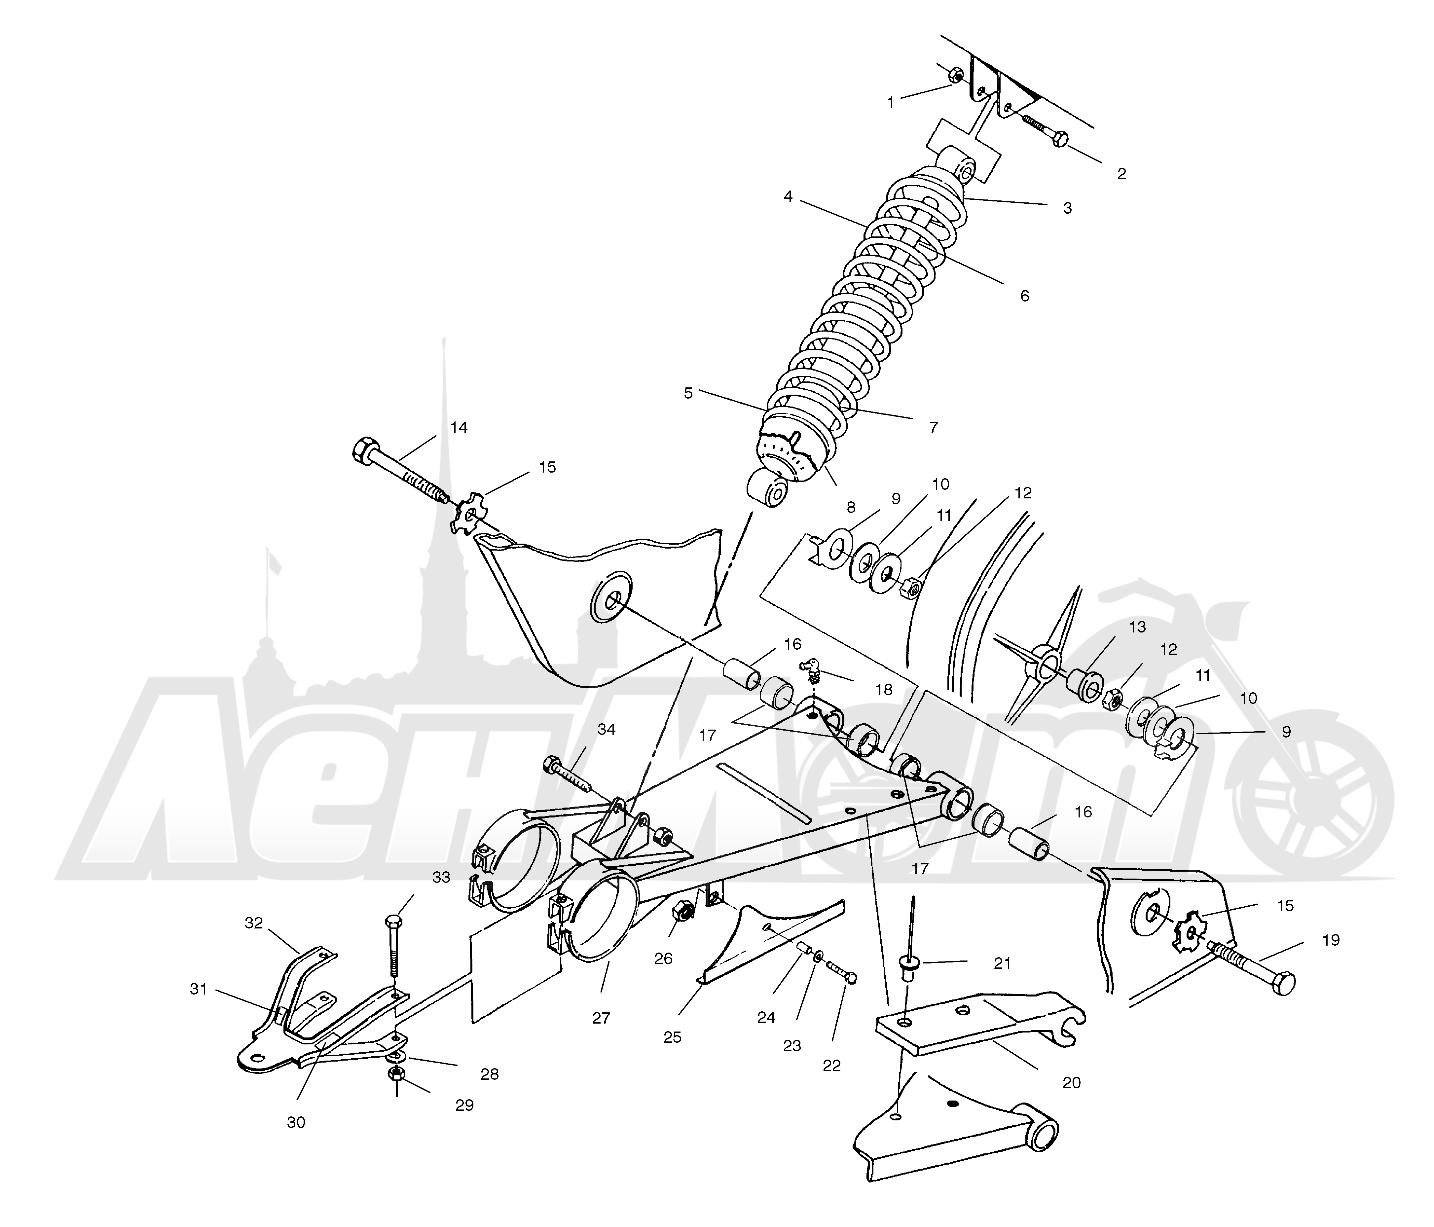 Diagram  1996 Polaris Magnum 425 4x4 Wiring Diagram Full